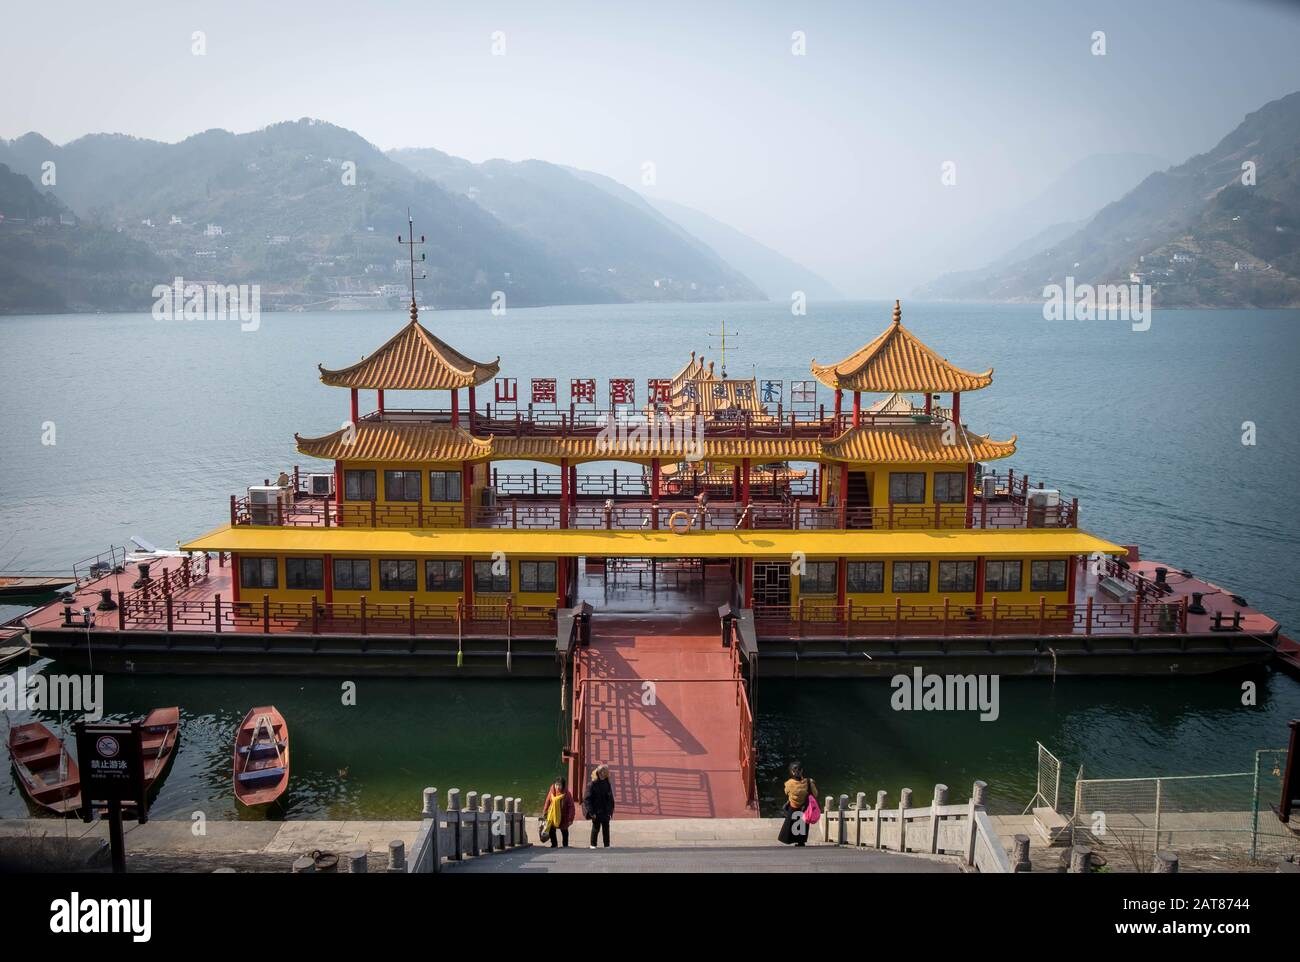 Yichang, HUBEI / CHINA - DEC 25 2019: Navegación por el río yangtze para el viajero junto con las tres gargantas, la parte del río Yangtze Foto de stock